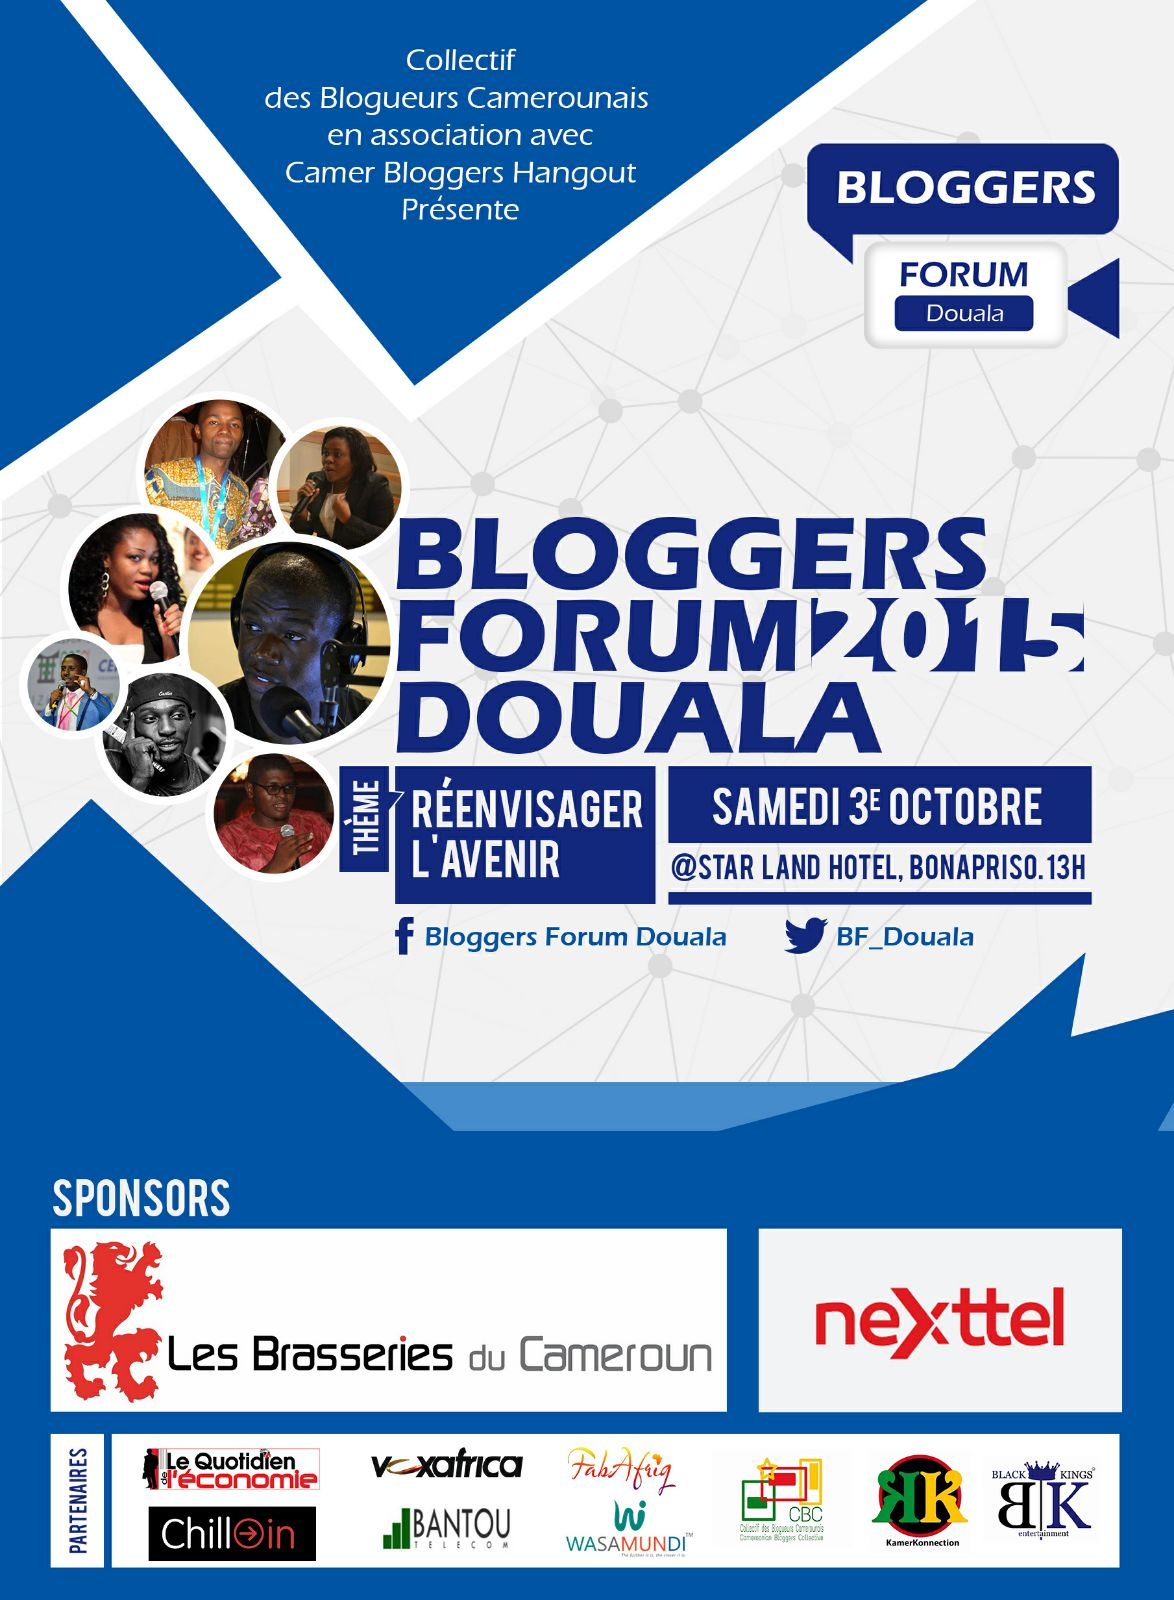 Les Marches d'Elodie - Bloggers Forum - Forum des Blogeurs Douala - Flyer French